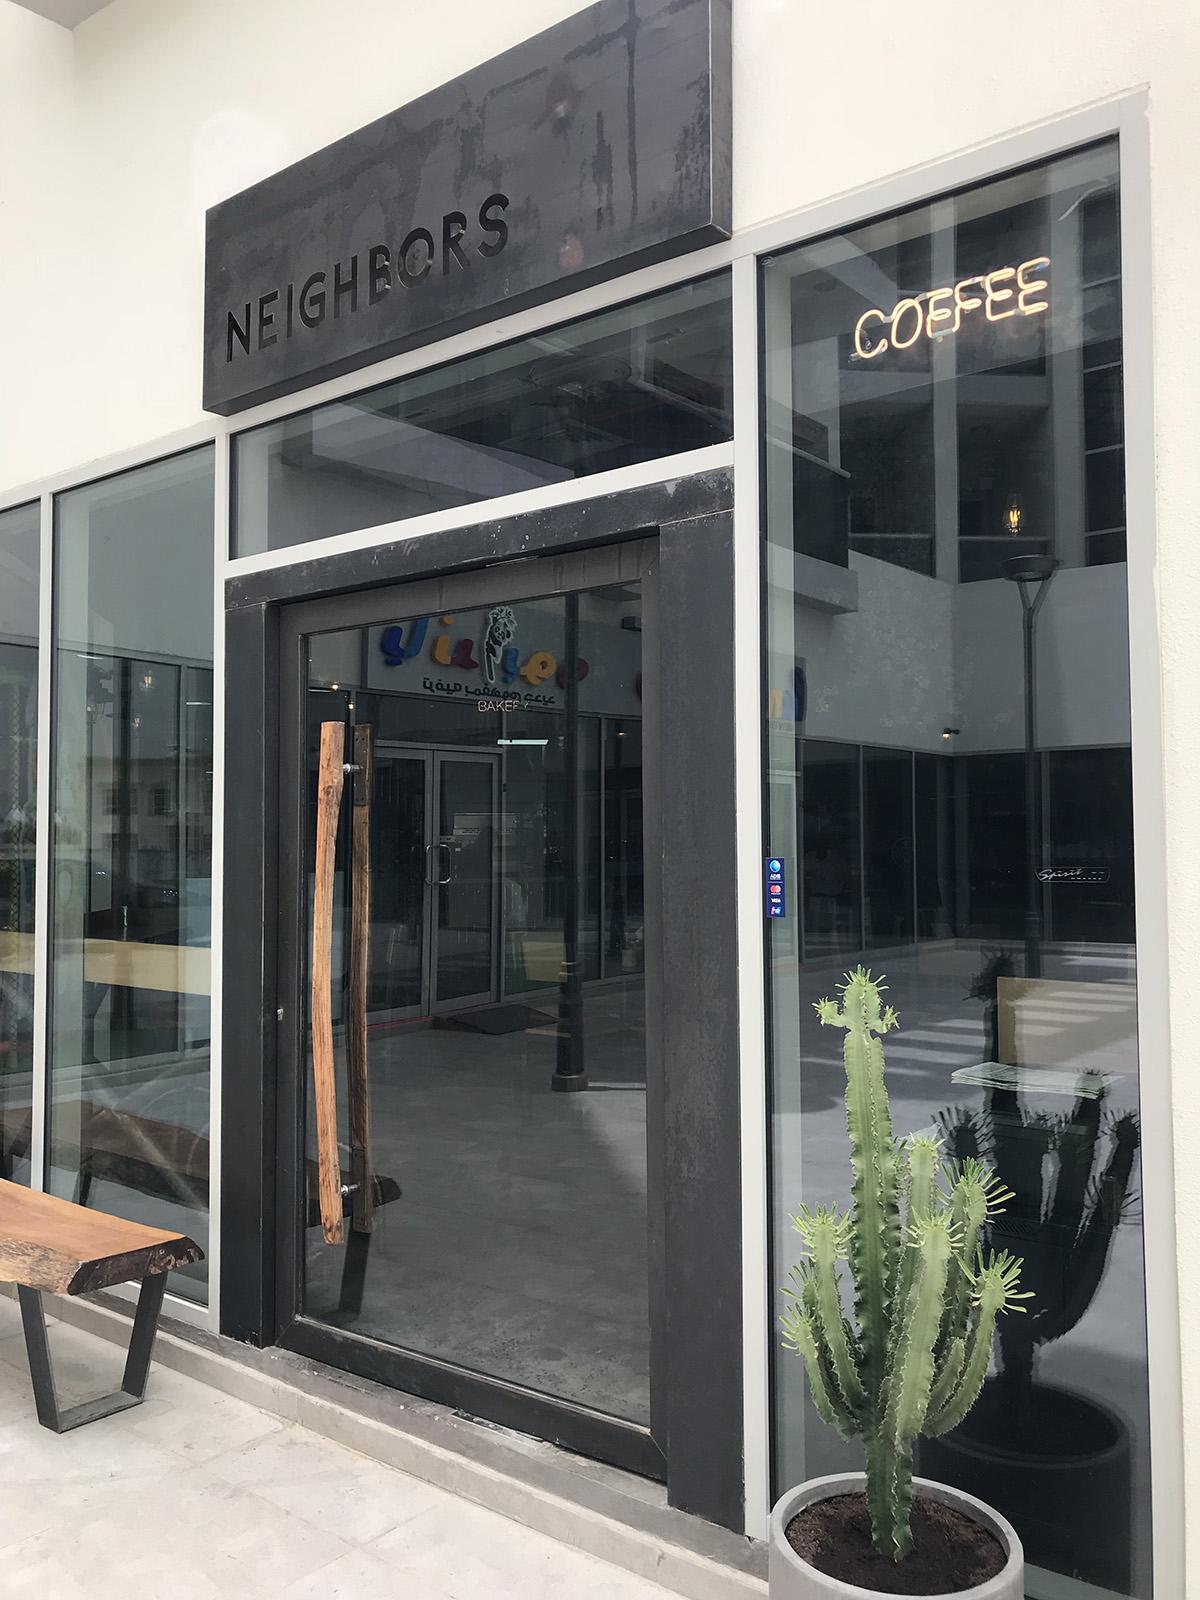 708099 المسافرون العرب مقاهي دبي : نيبرز neighbors .. أكل شهي وقهوة على الأصول